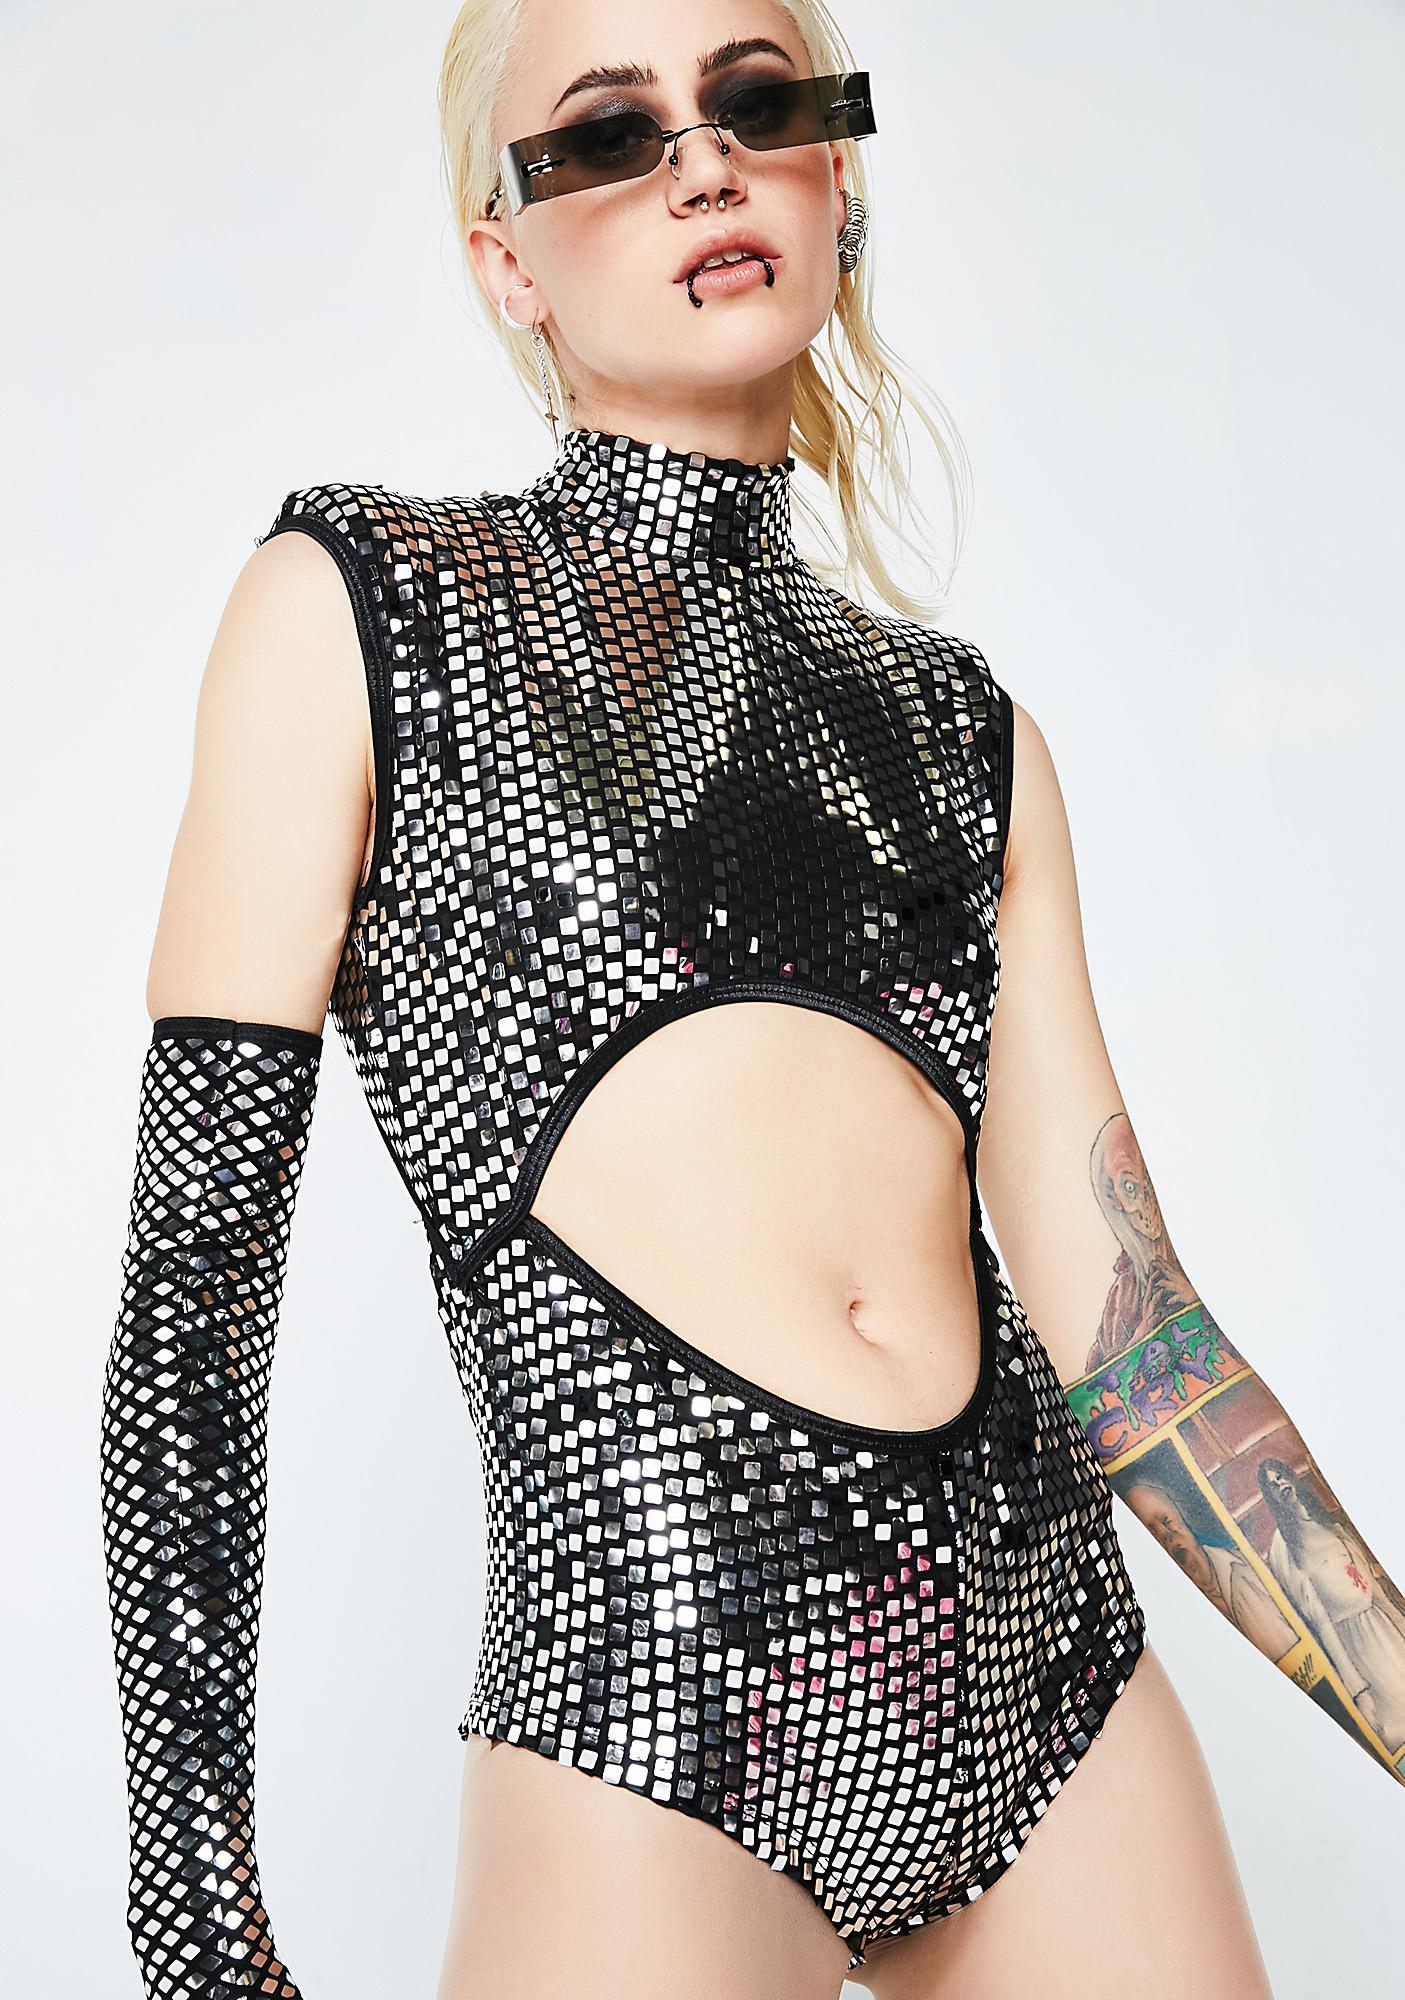 Club Exx Disco Queen Cutout Mirrored Bodysuit